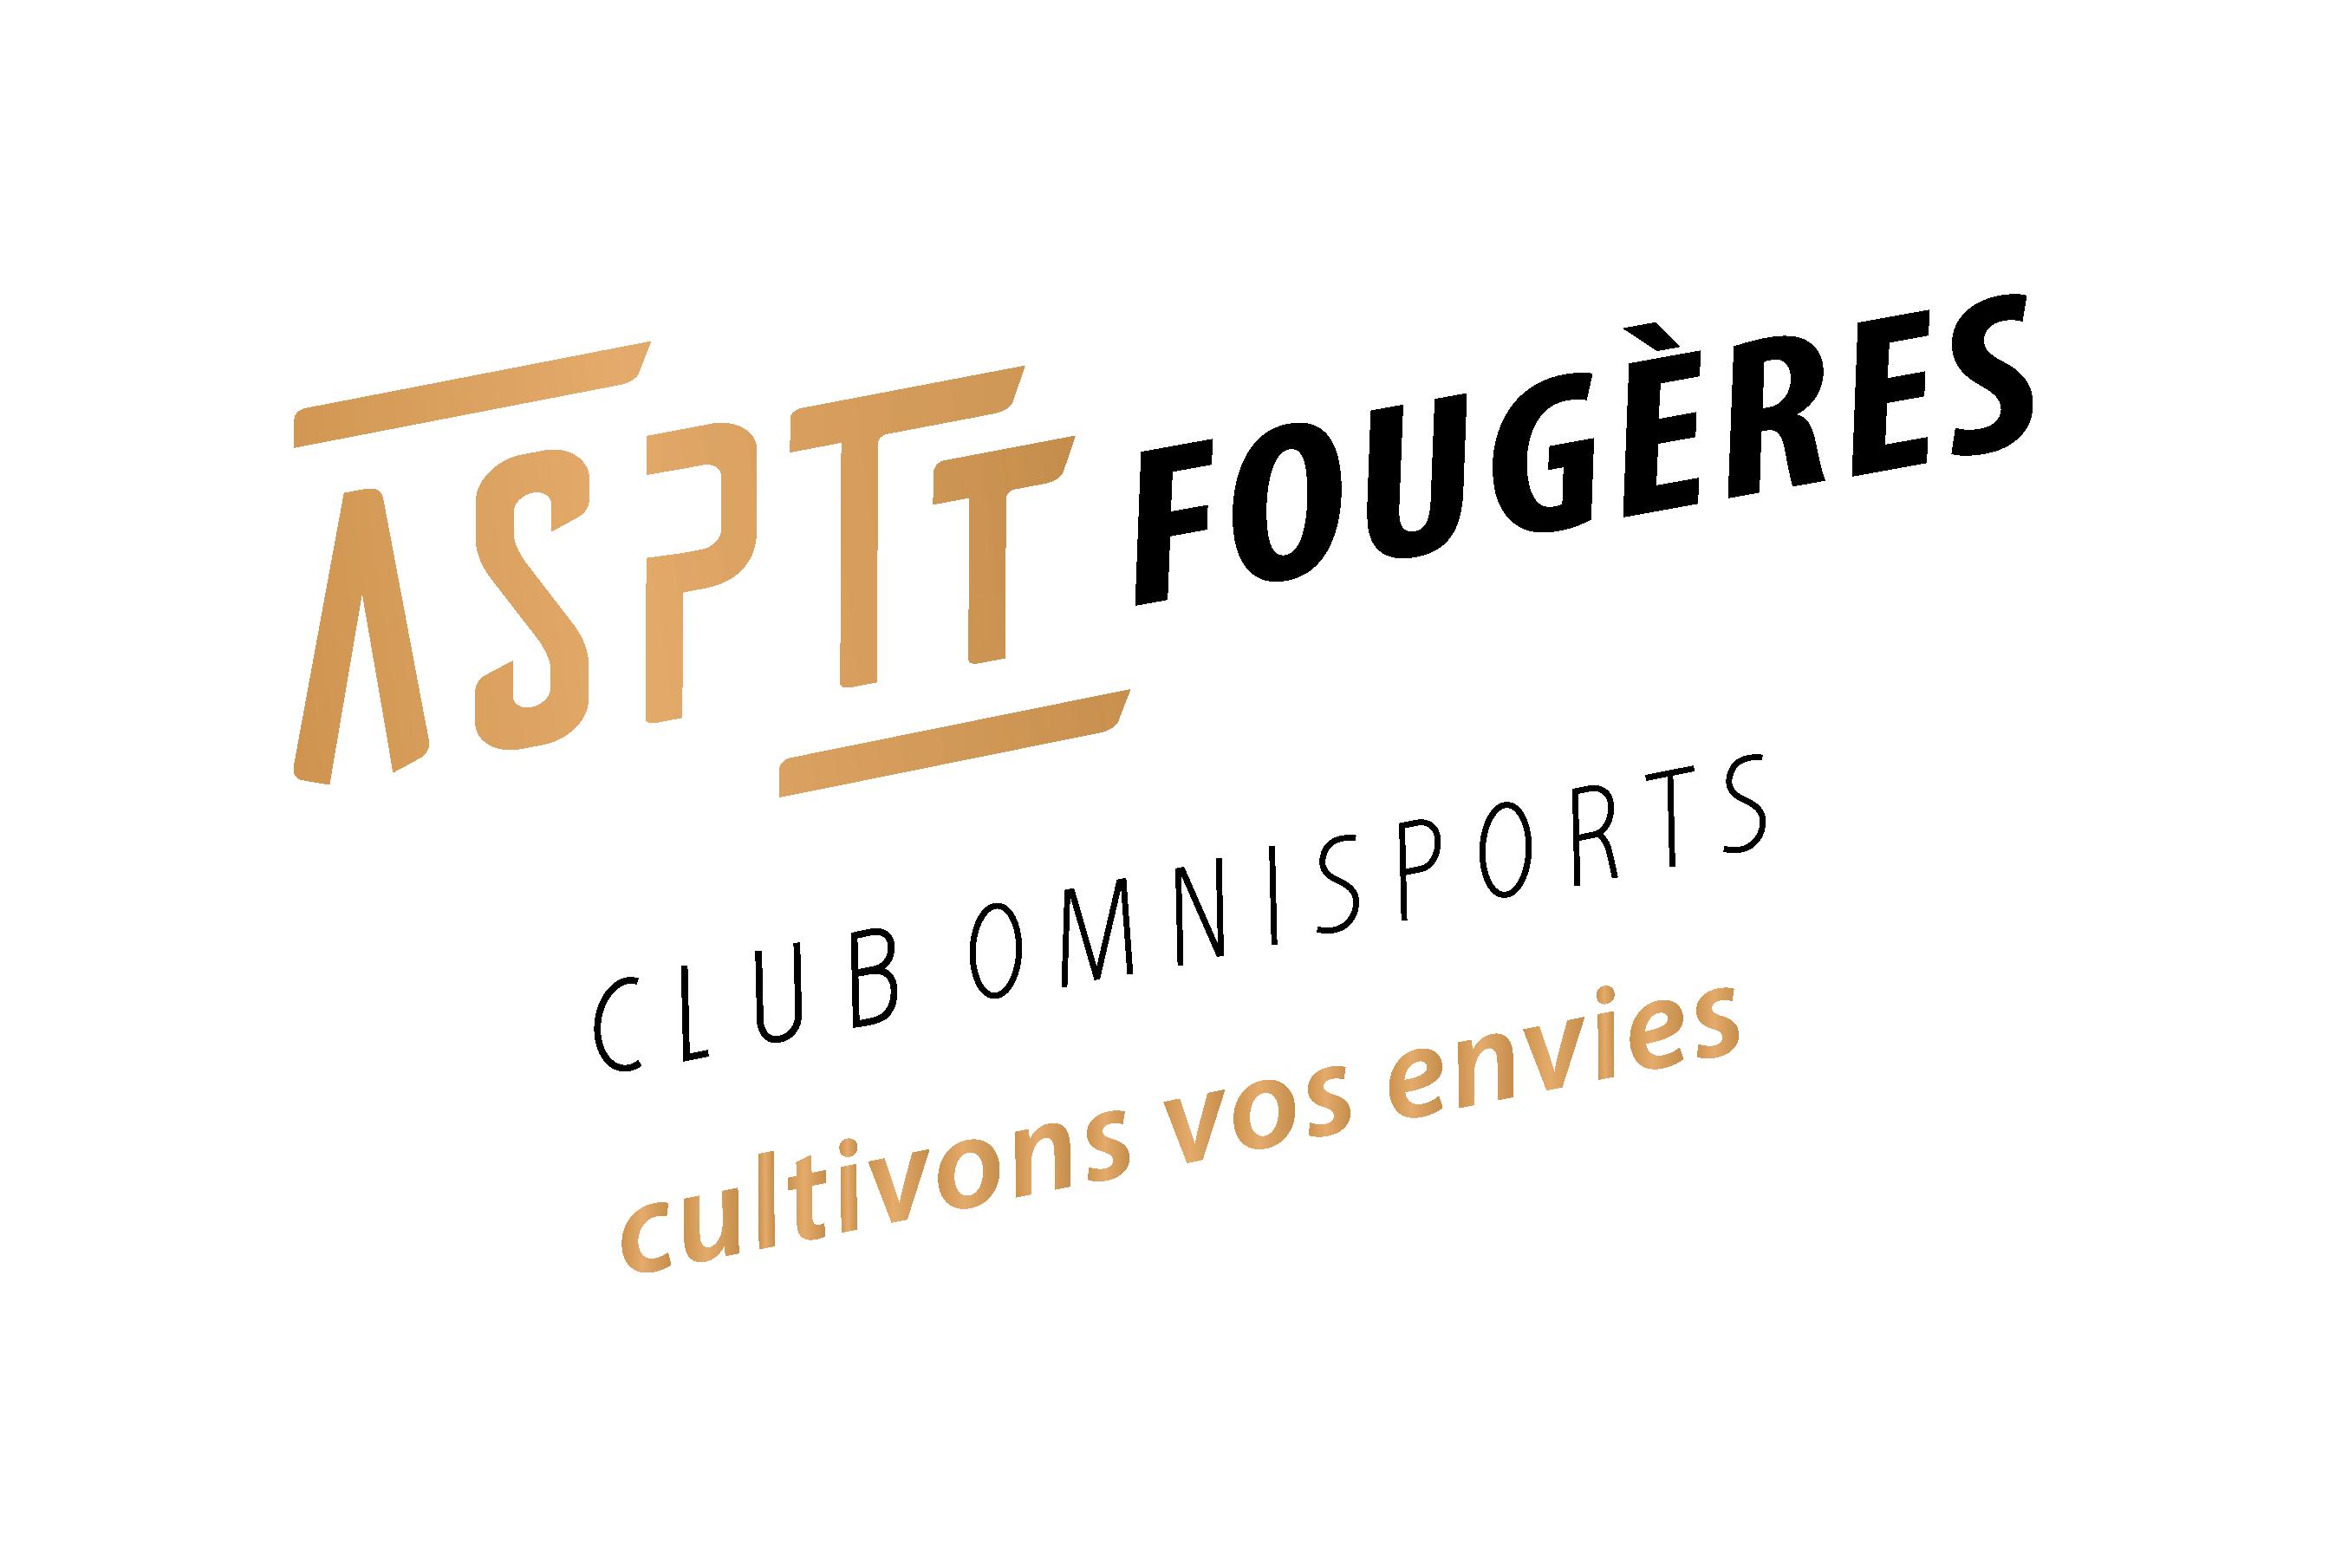 Un club omnisports ouvert à tous- Cultivons vos envies